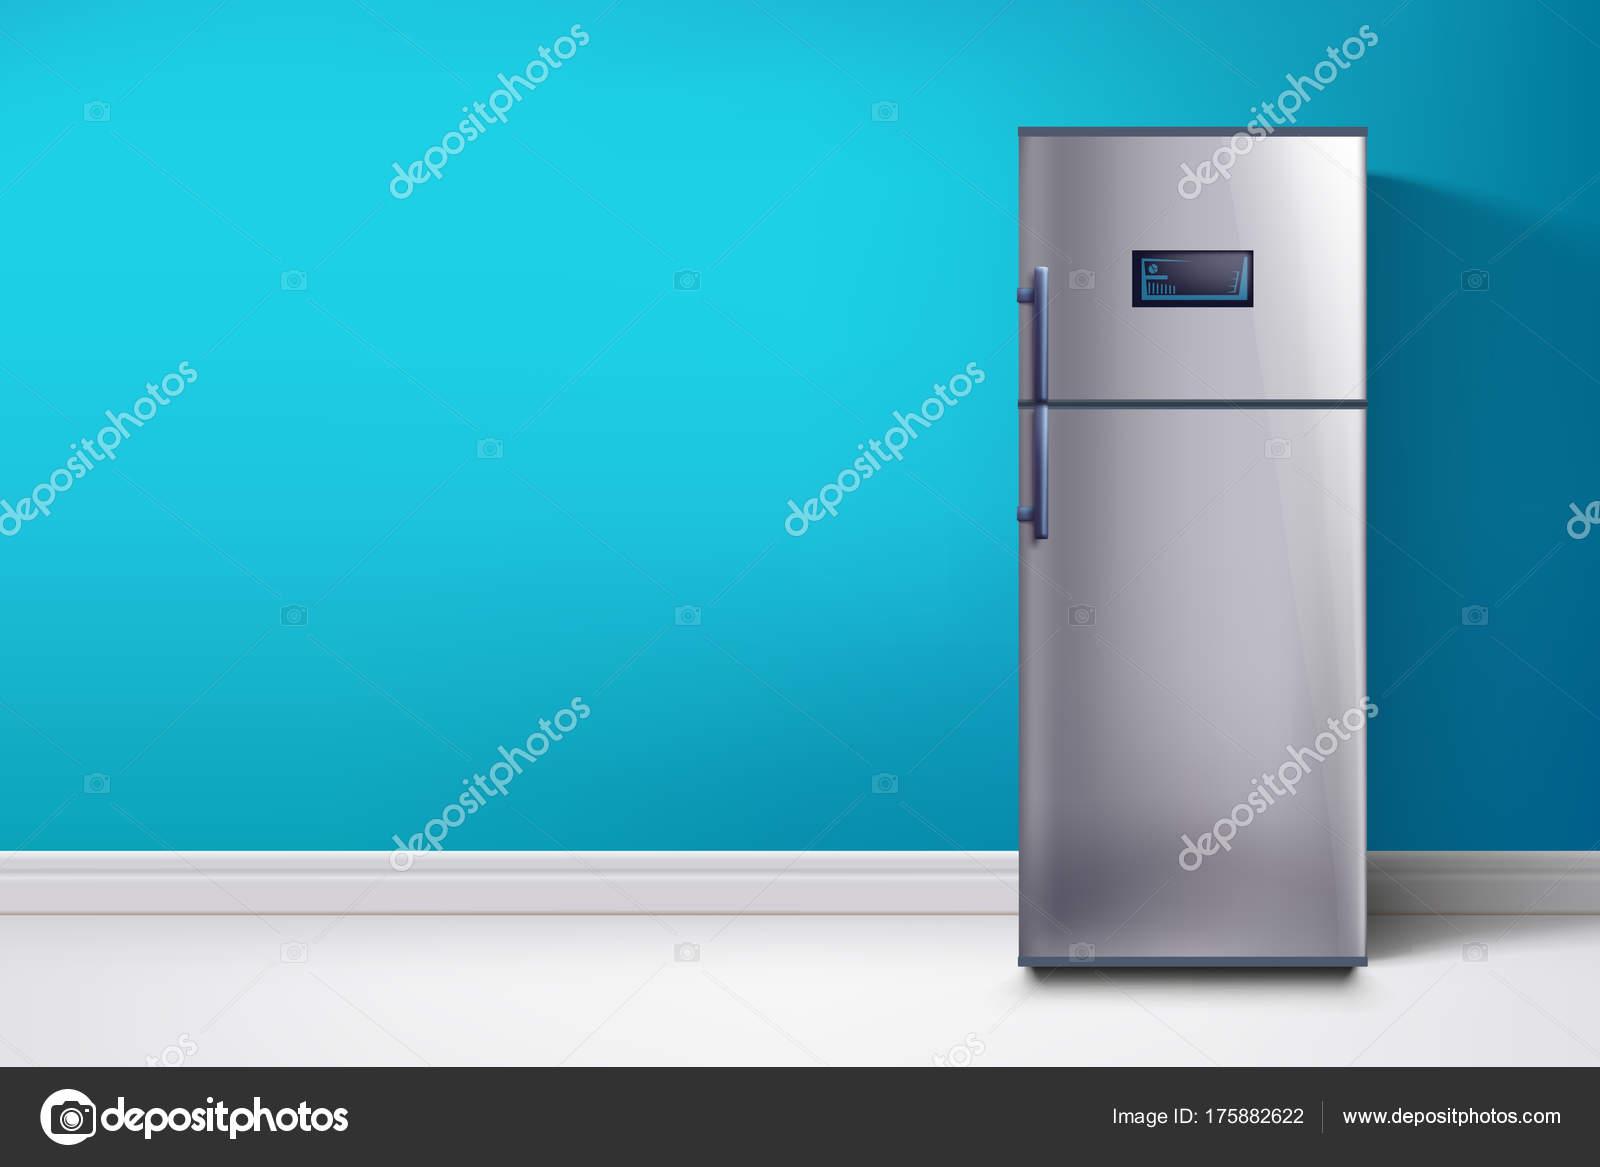 Amerikanischer Kühlschrank Blau : Kühlschrank bei blauen wand u stockvektor ifh